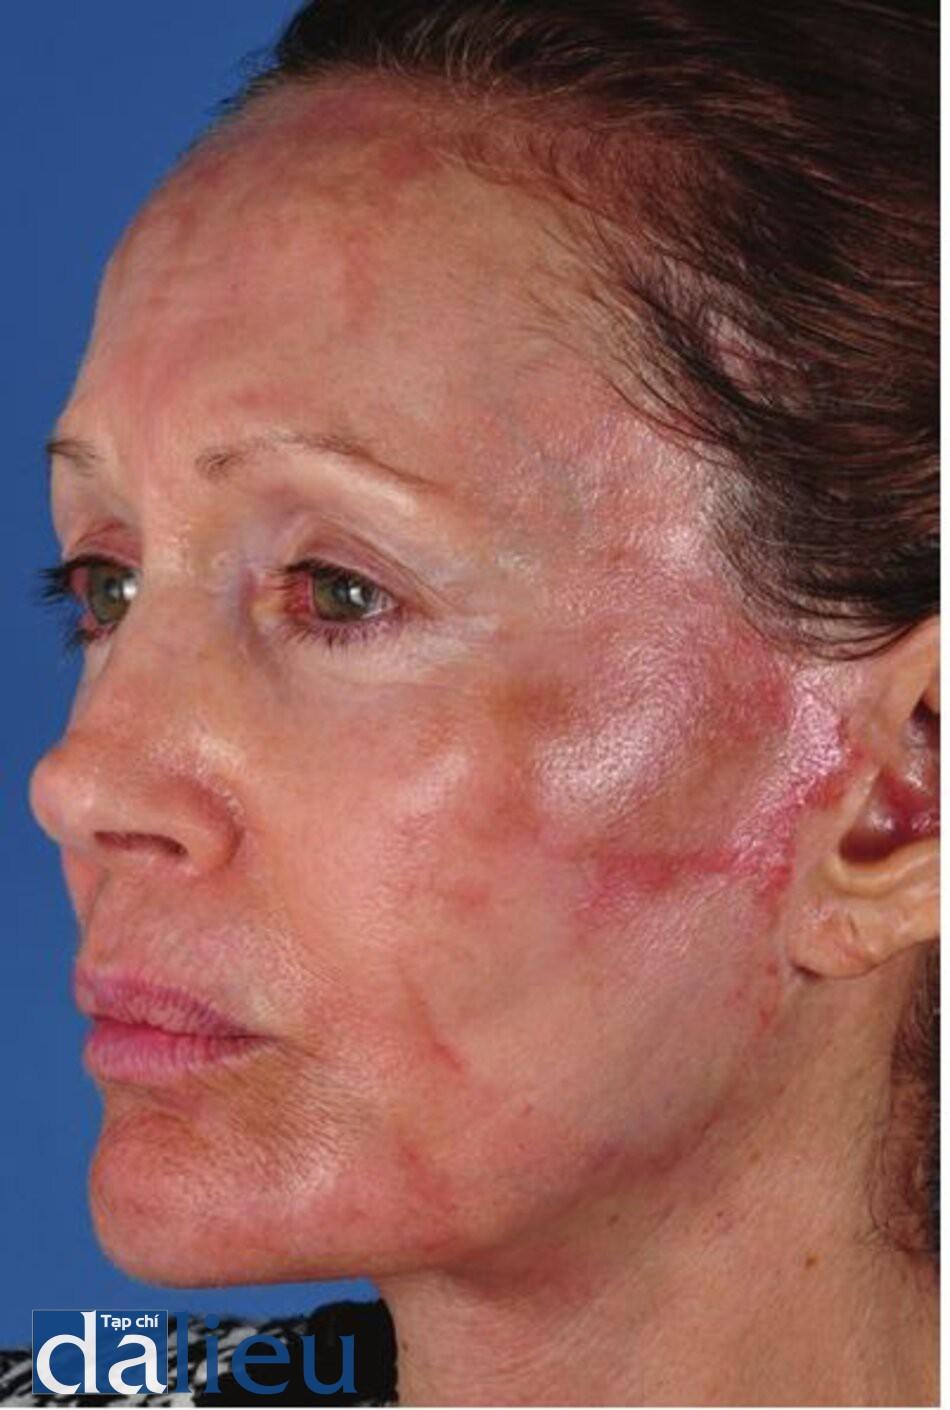 Hình 11.7 Một bệnh nhân 10 ngày sau khi lột da có kiểm soát độ sâu của zo đến lớp hạ bì dạng lưới tức thì. Cô ấy lột bỏ bề mặt da của mình 4 ngày sau khi lột. Tiếp xúc quá nhiều với nước trong quá trình tắm khiến da bị bong tróc sớm bị tách rời. Chú ý tổng sắc tố sau viêm và các biến chứng trong các khu vực lành bệnh.